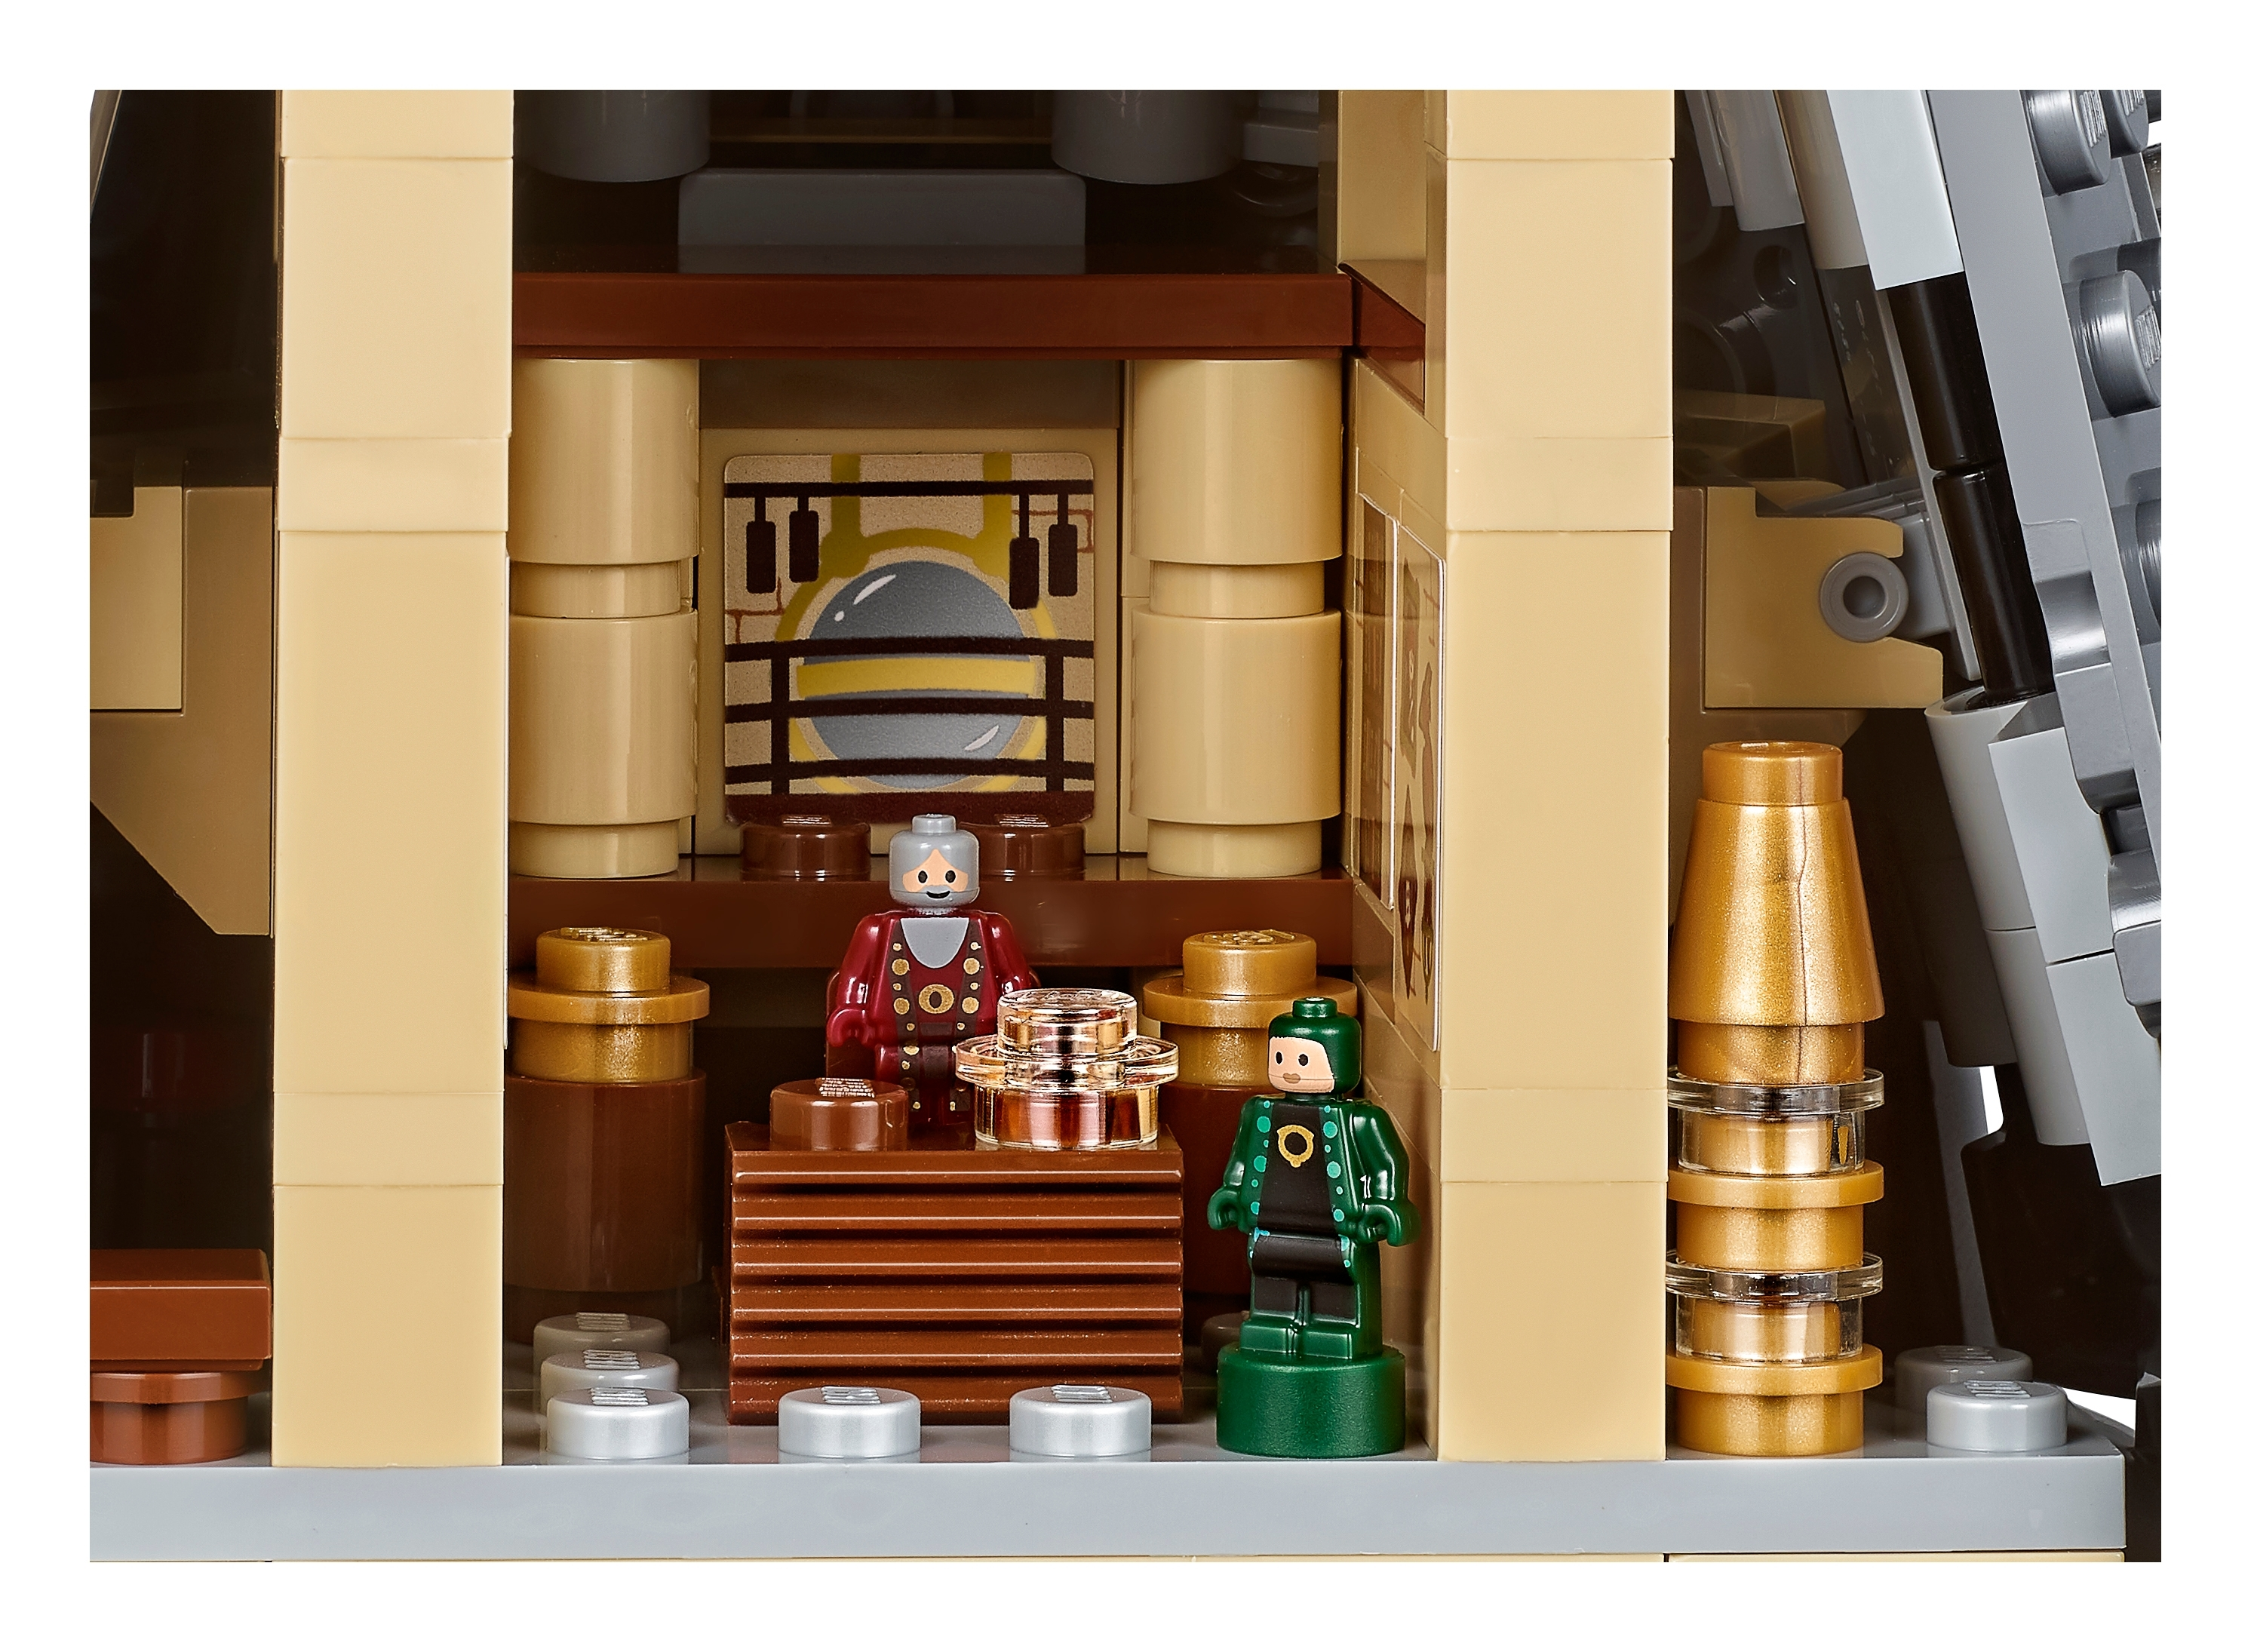 Hogwarts Castle 71043 Harry Potter Buy Online At The